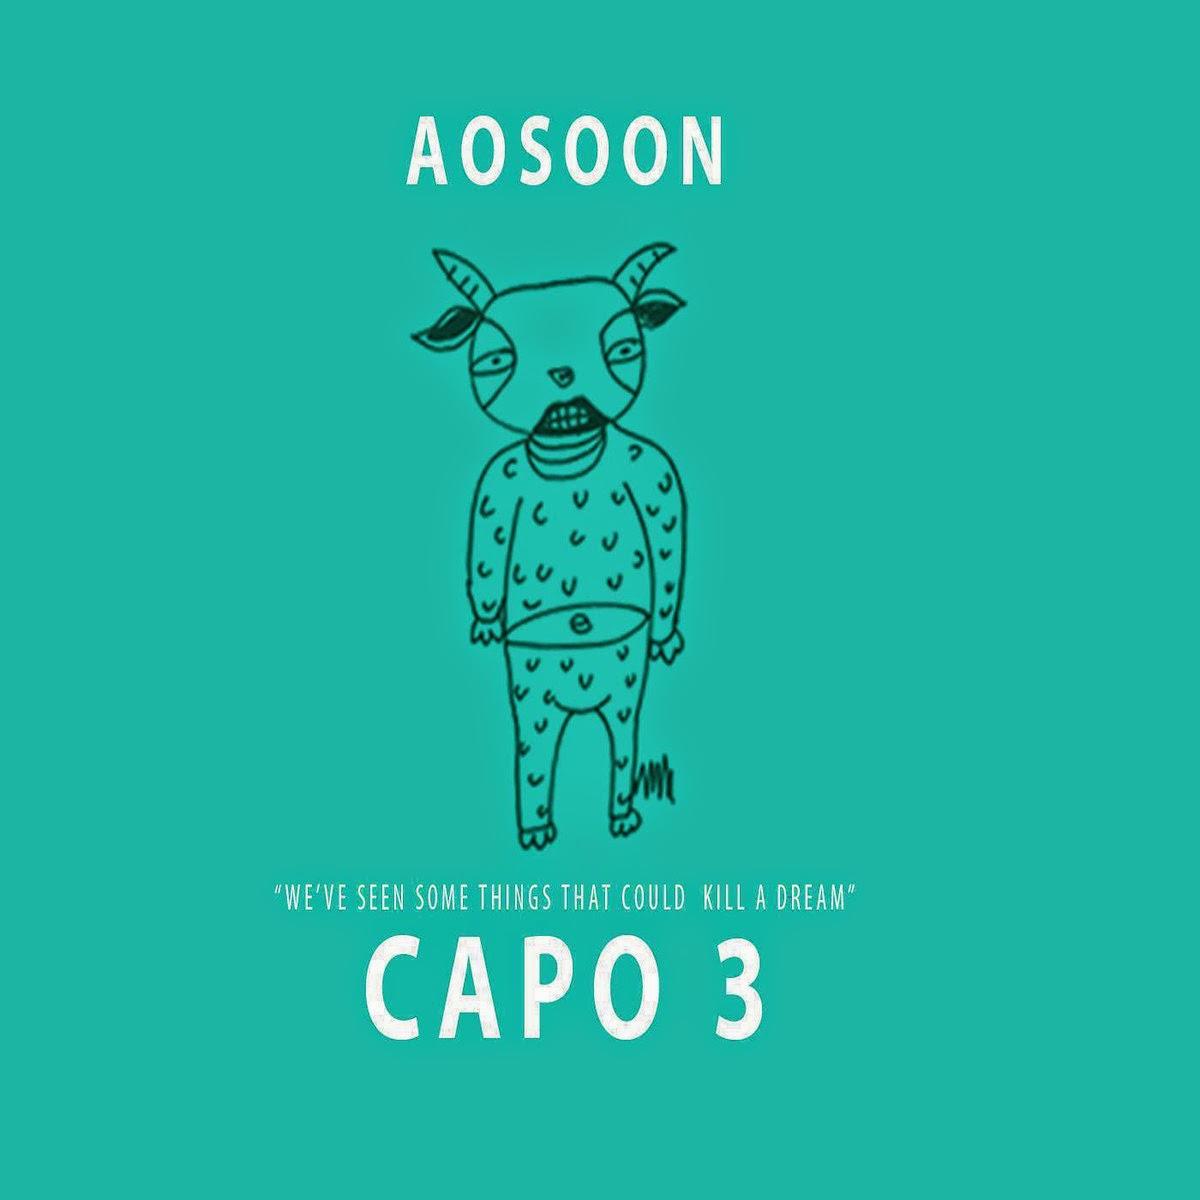 http://www.d4am.net/2015/02/aosoon-capo3.html